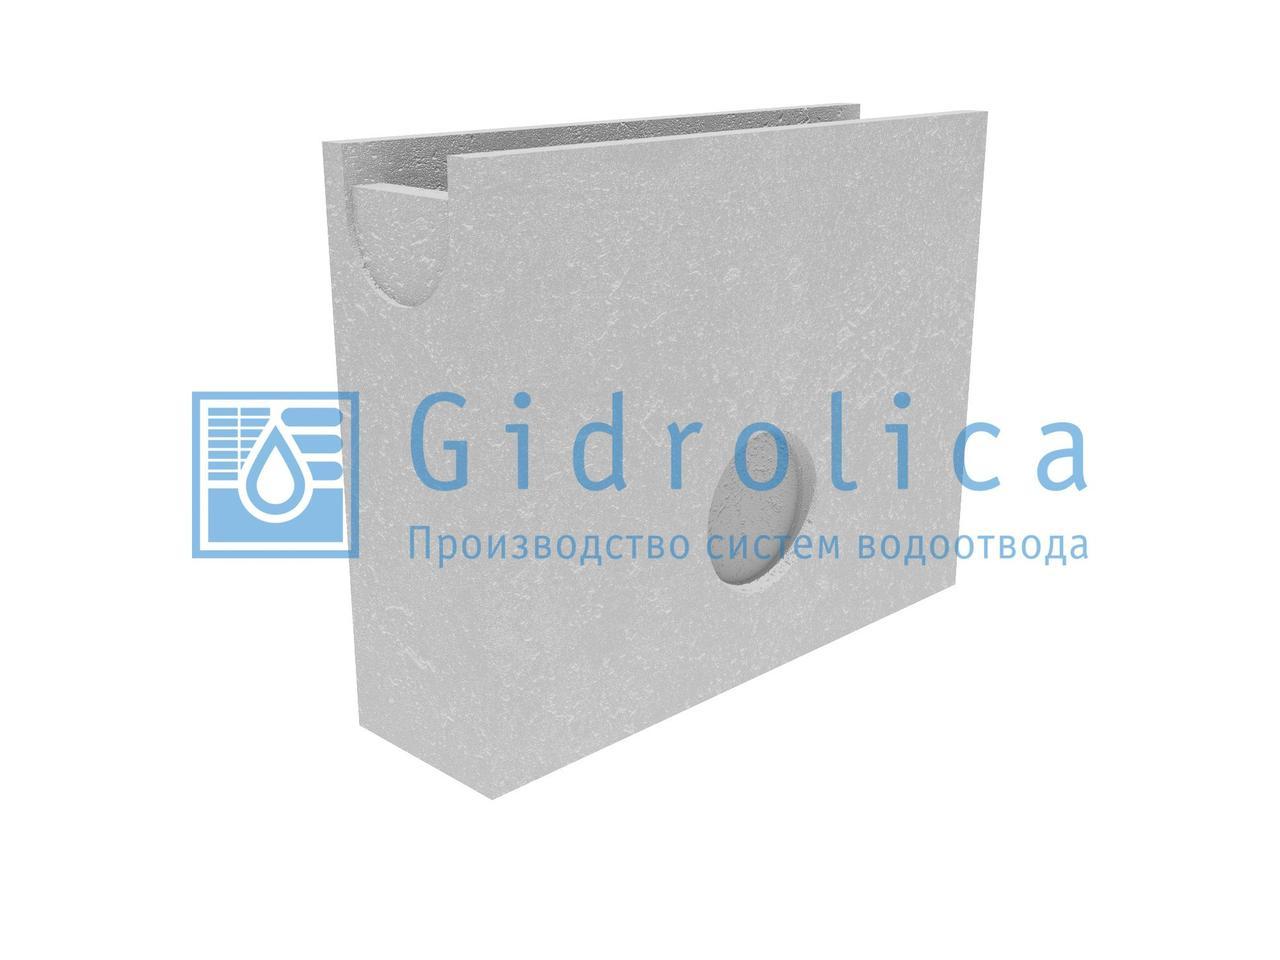 Пескоулавливающий колодец (СО-100), односекционный ПКП 50.14 (10).38,5(35,5) - BGU